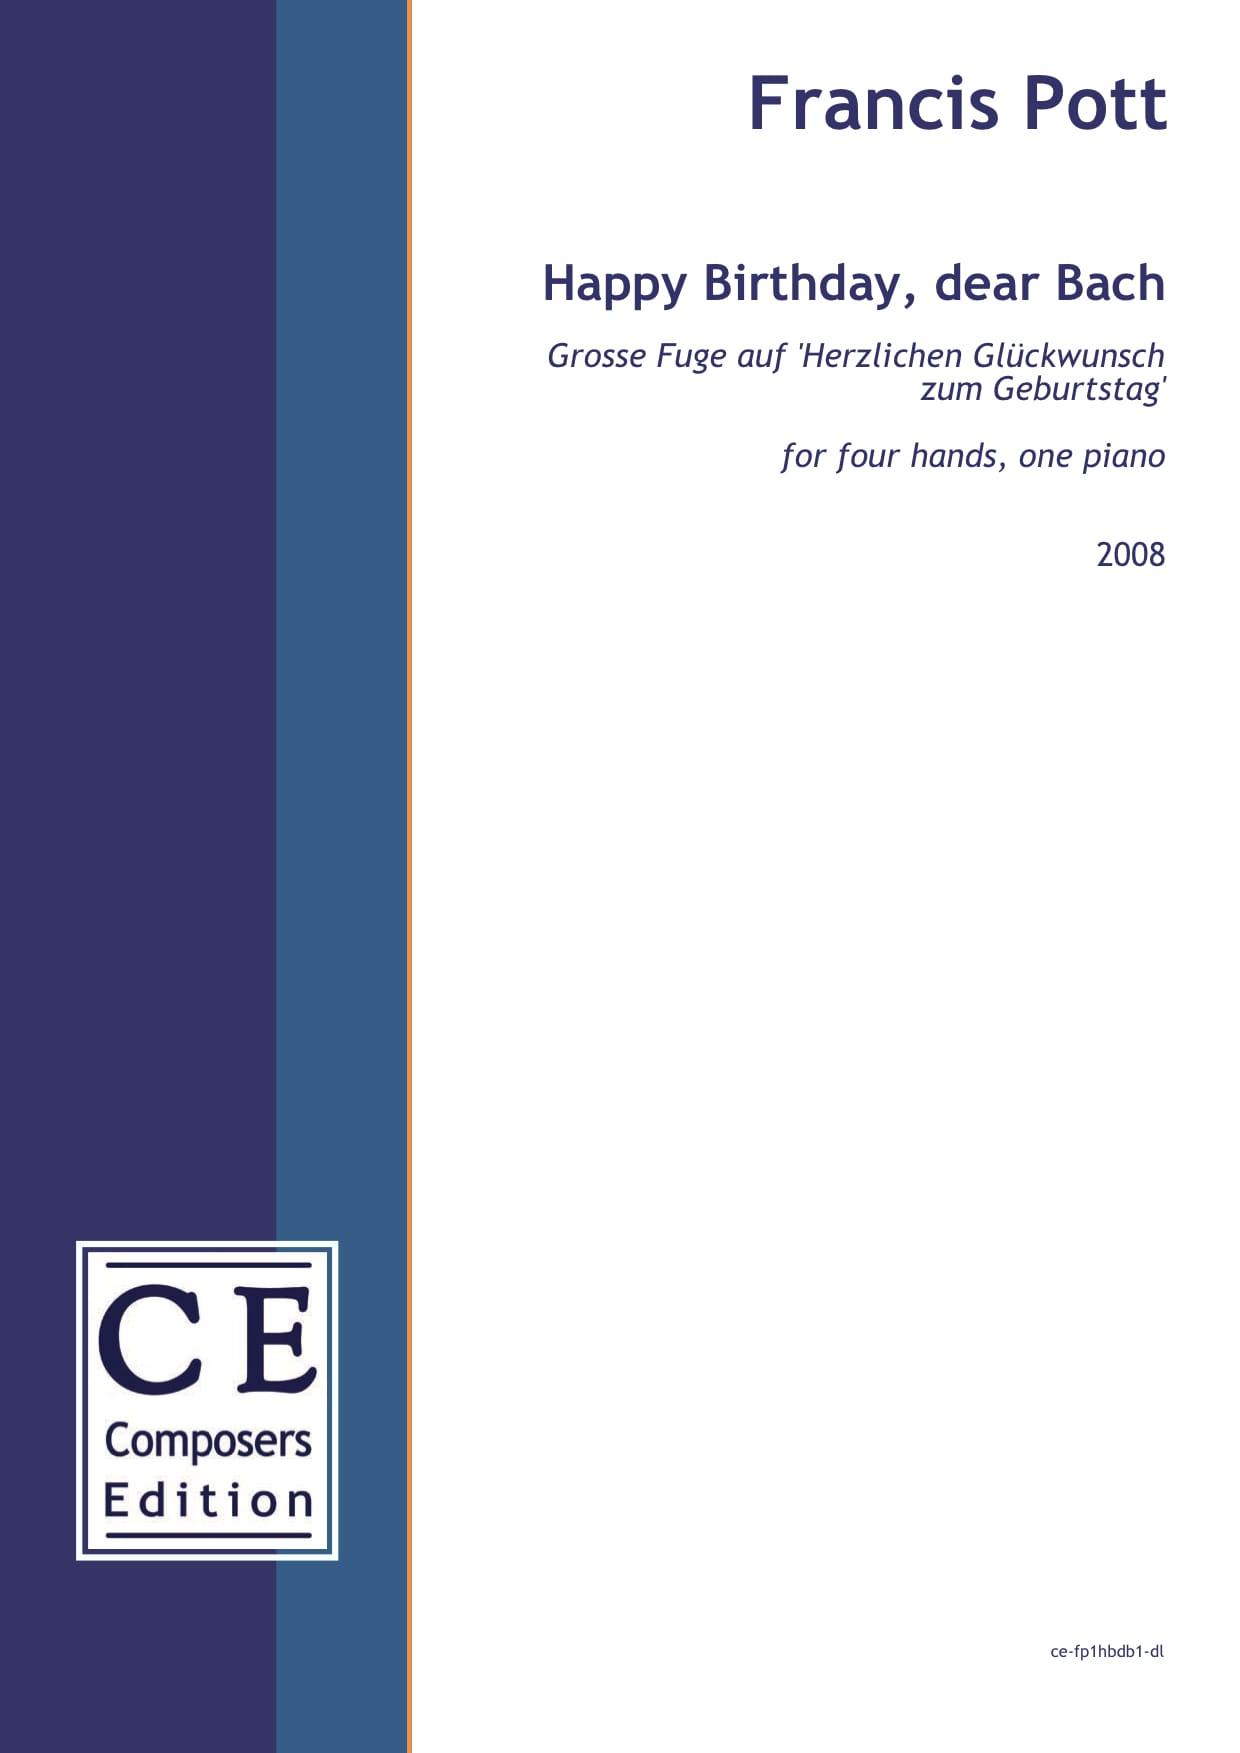 Francis Pott: Happy Birthday, dear Bach Grosse Fuge auf 'Herzlichen Glückwunsch zum Geburtstag' for four hands, one piano